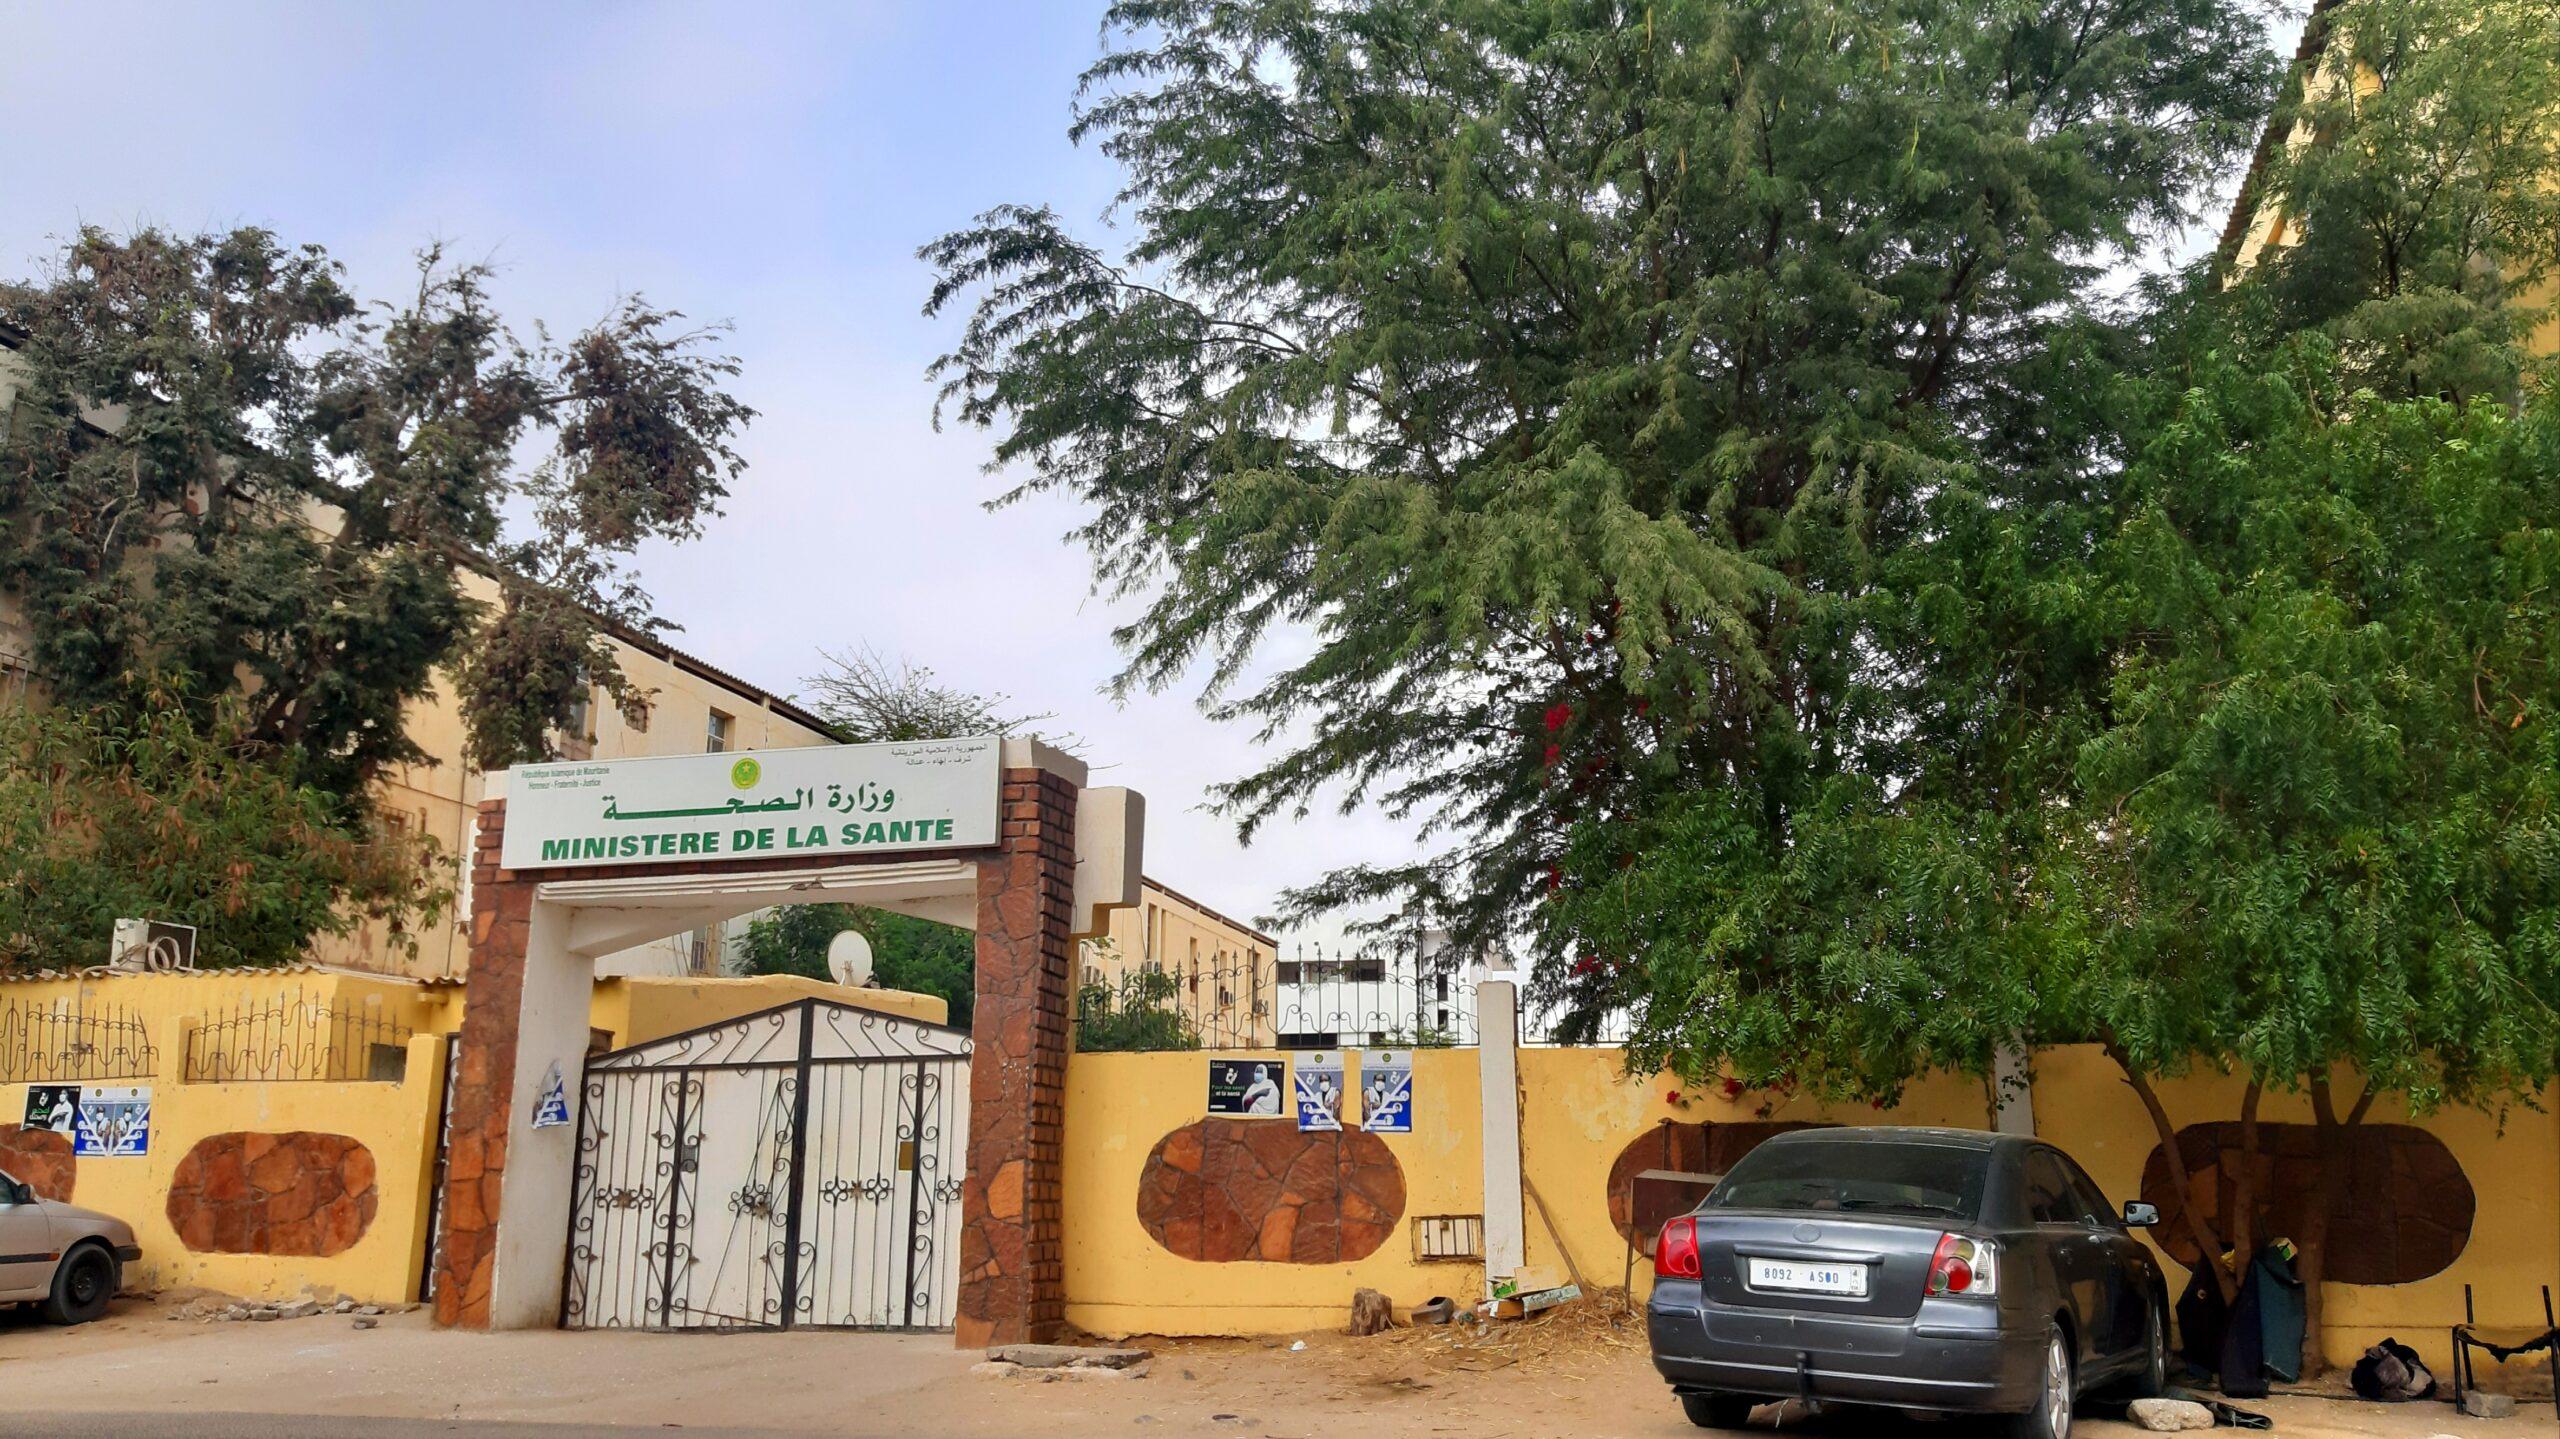 موريتانيا: وفاة واحدة بكورونا و 36 إصابة جديدة